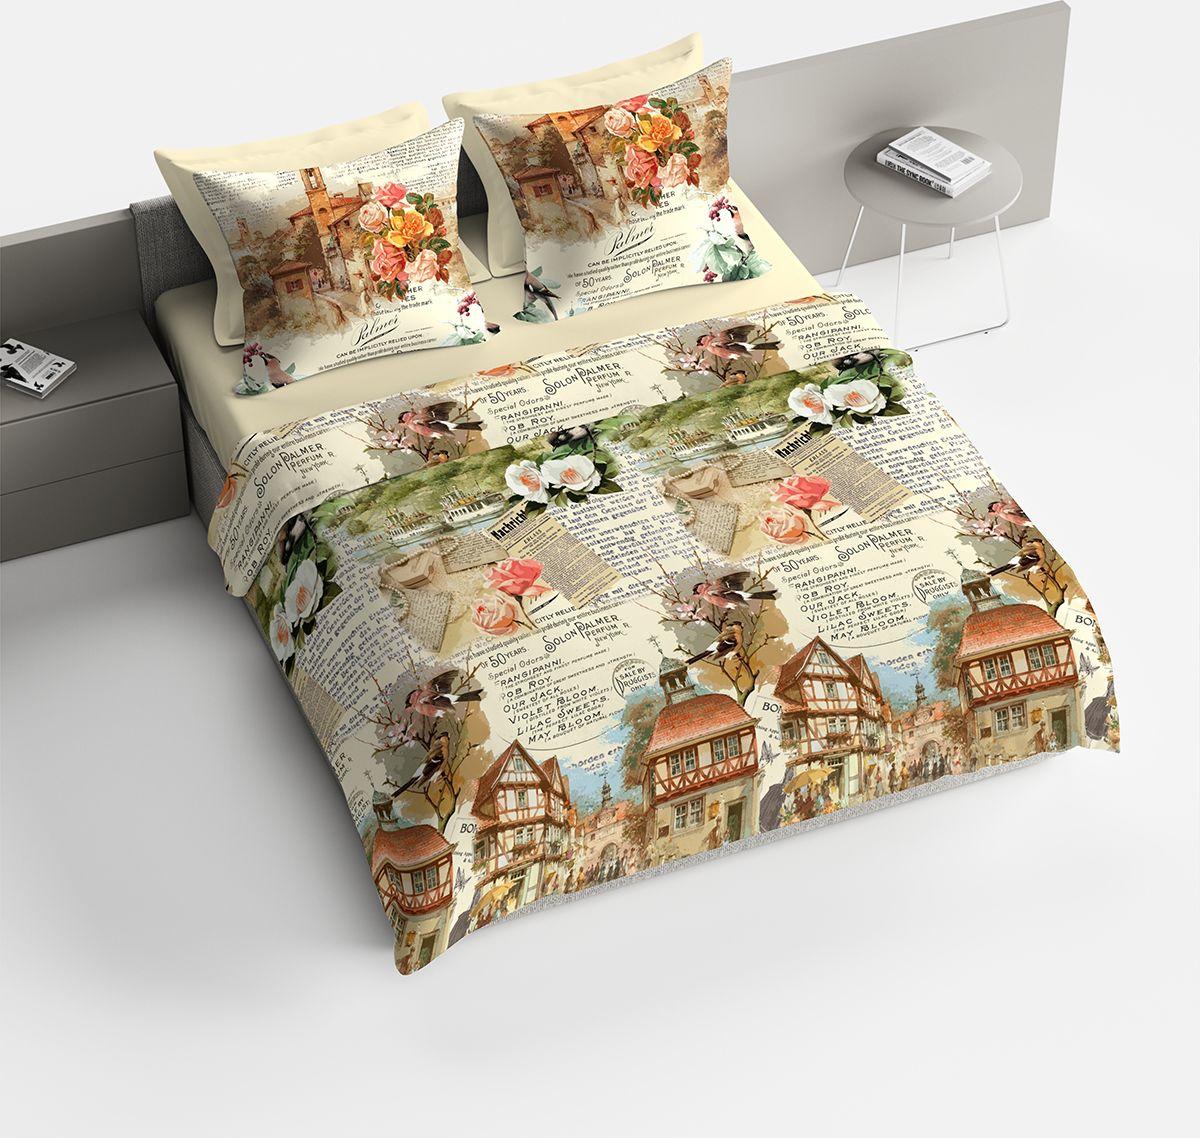 Комплект белья Браво Мюнхен, 2-спальное, наволочки 70x70, цвет: бежевый91928Комплекты постельного белья из ткани LUX COTTON (высококачественный поплин), сотканной из длинноволокнистого египетского хлопка, созданы специально для людей с оригинальным вкусом, предпочитающим современные решения в интерьере. Обновленная стильная упаковка делает этот комплект отличным подарком. • Равноплотная ткань из 100% хлопка; • Обработана по технологии мерсеризации и санфоризации; • Мягкая и нежная на ощупь; • Устойчива к трению; • Обладает высокими показателями гигроскопичности (впитывает влагу); • Выдерживает частые стирки, сохраняя первоначальные цвет, форму и размеры; • Безопасные красители ведущего немецкого производителя BEZEMA